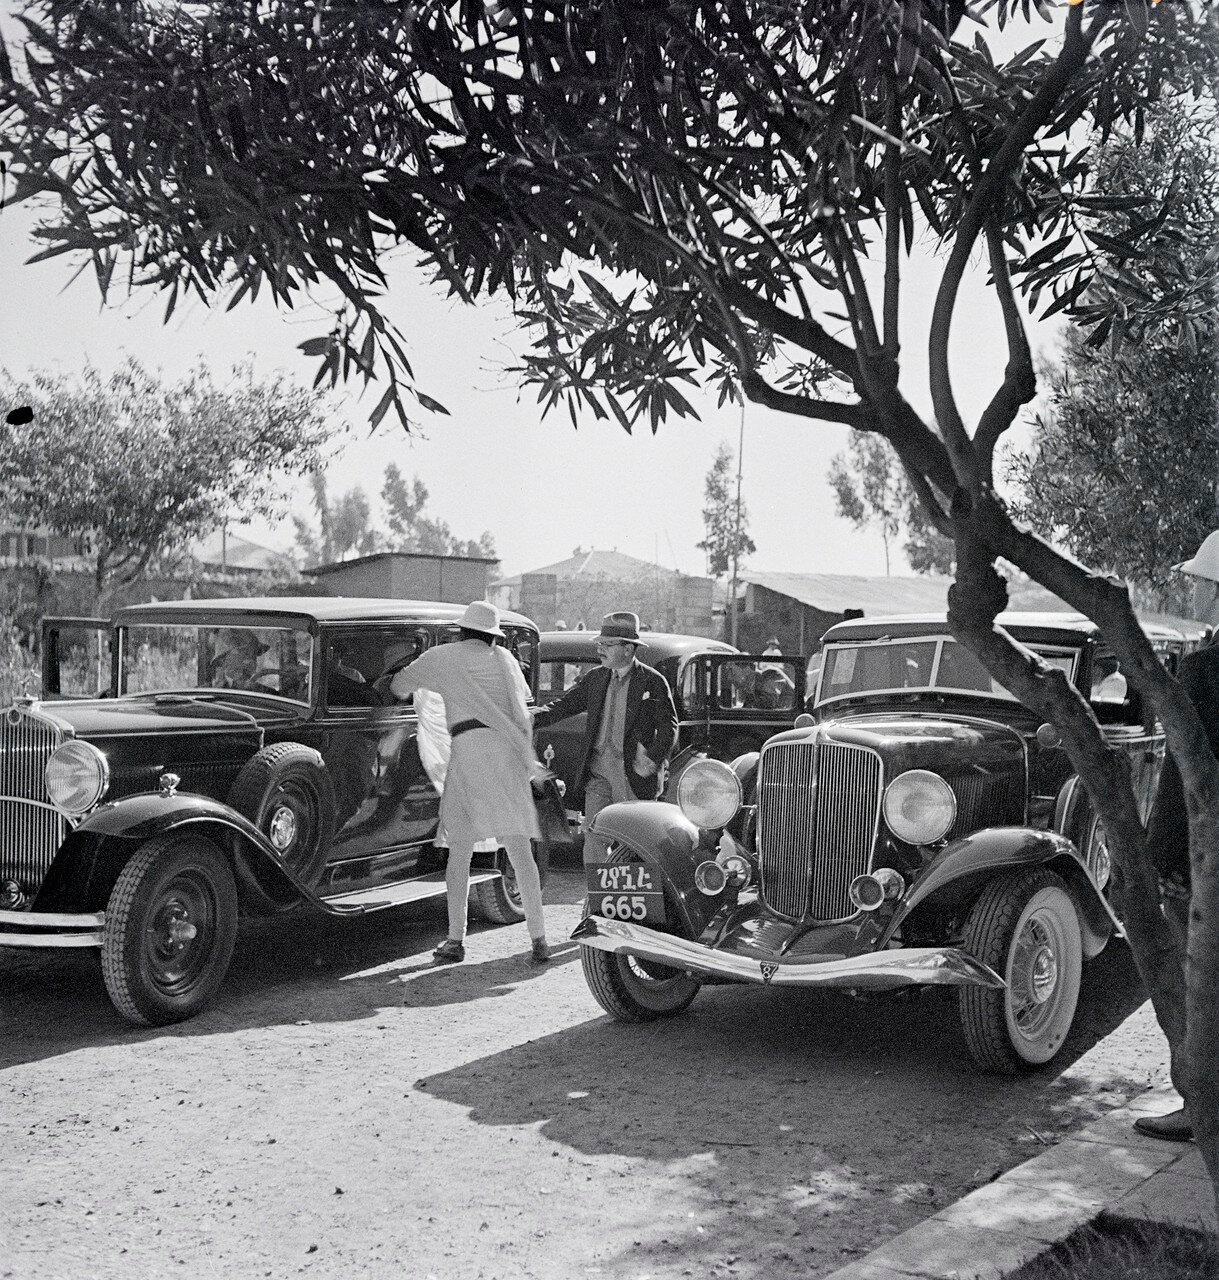 Припаркованные автомобили на дороге